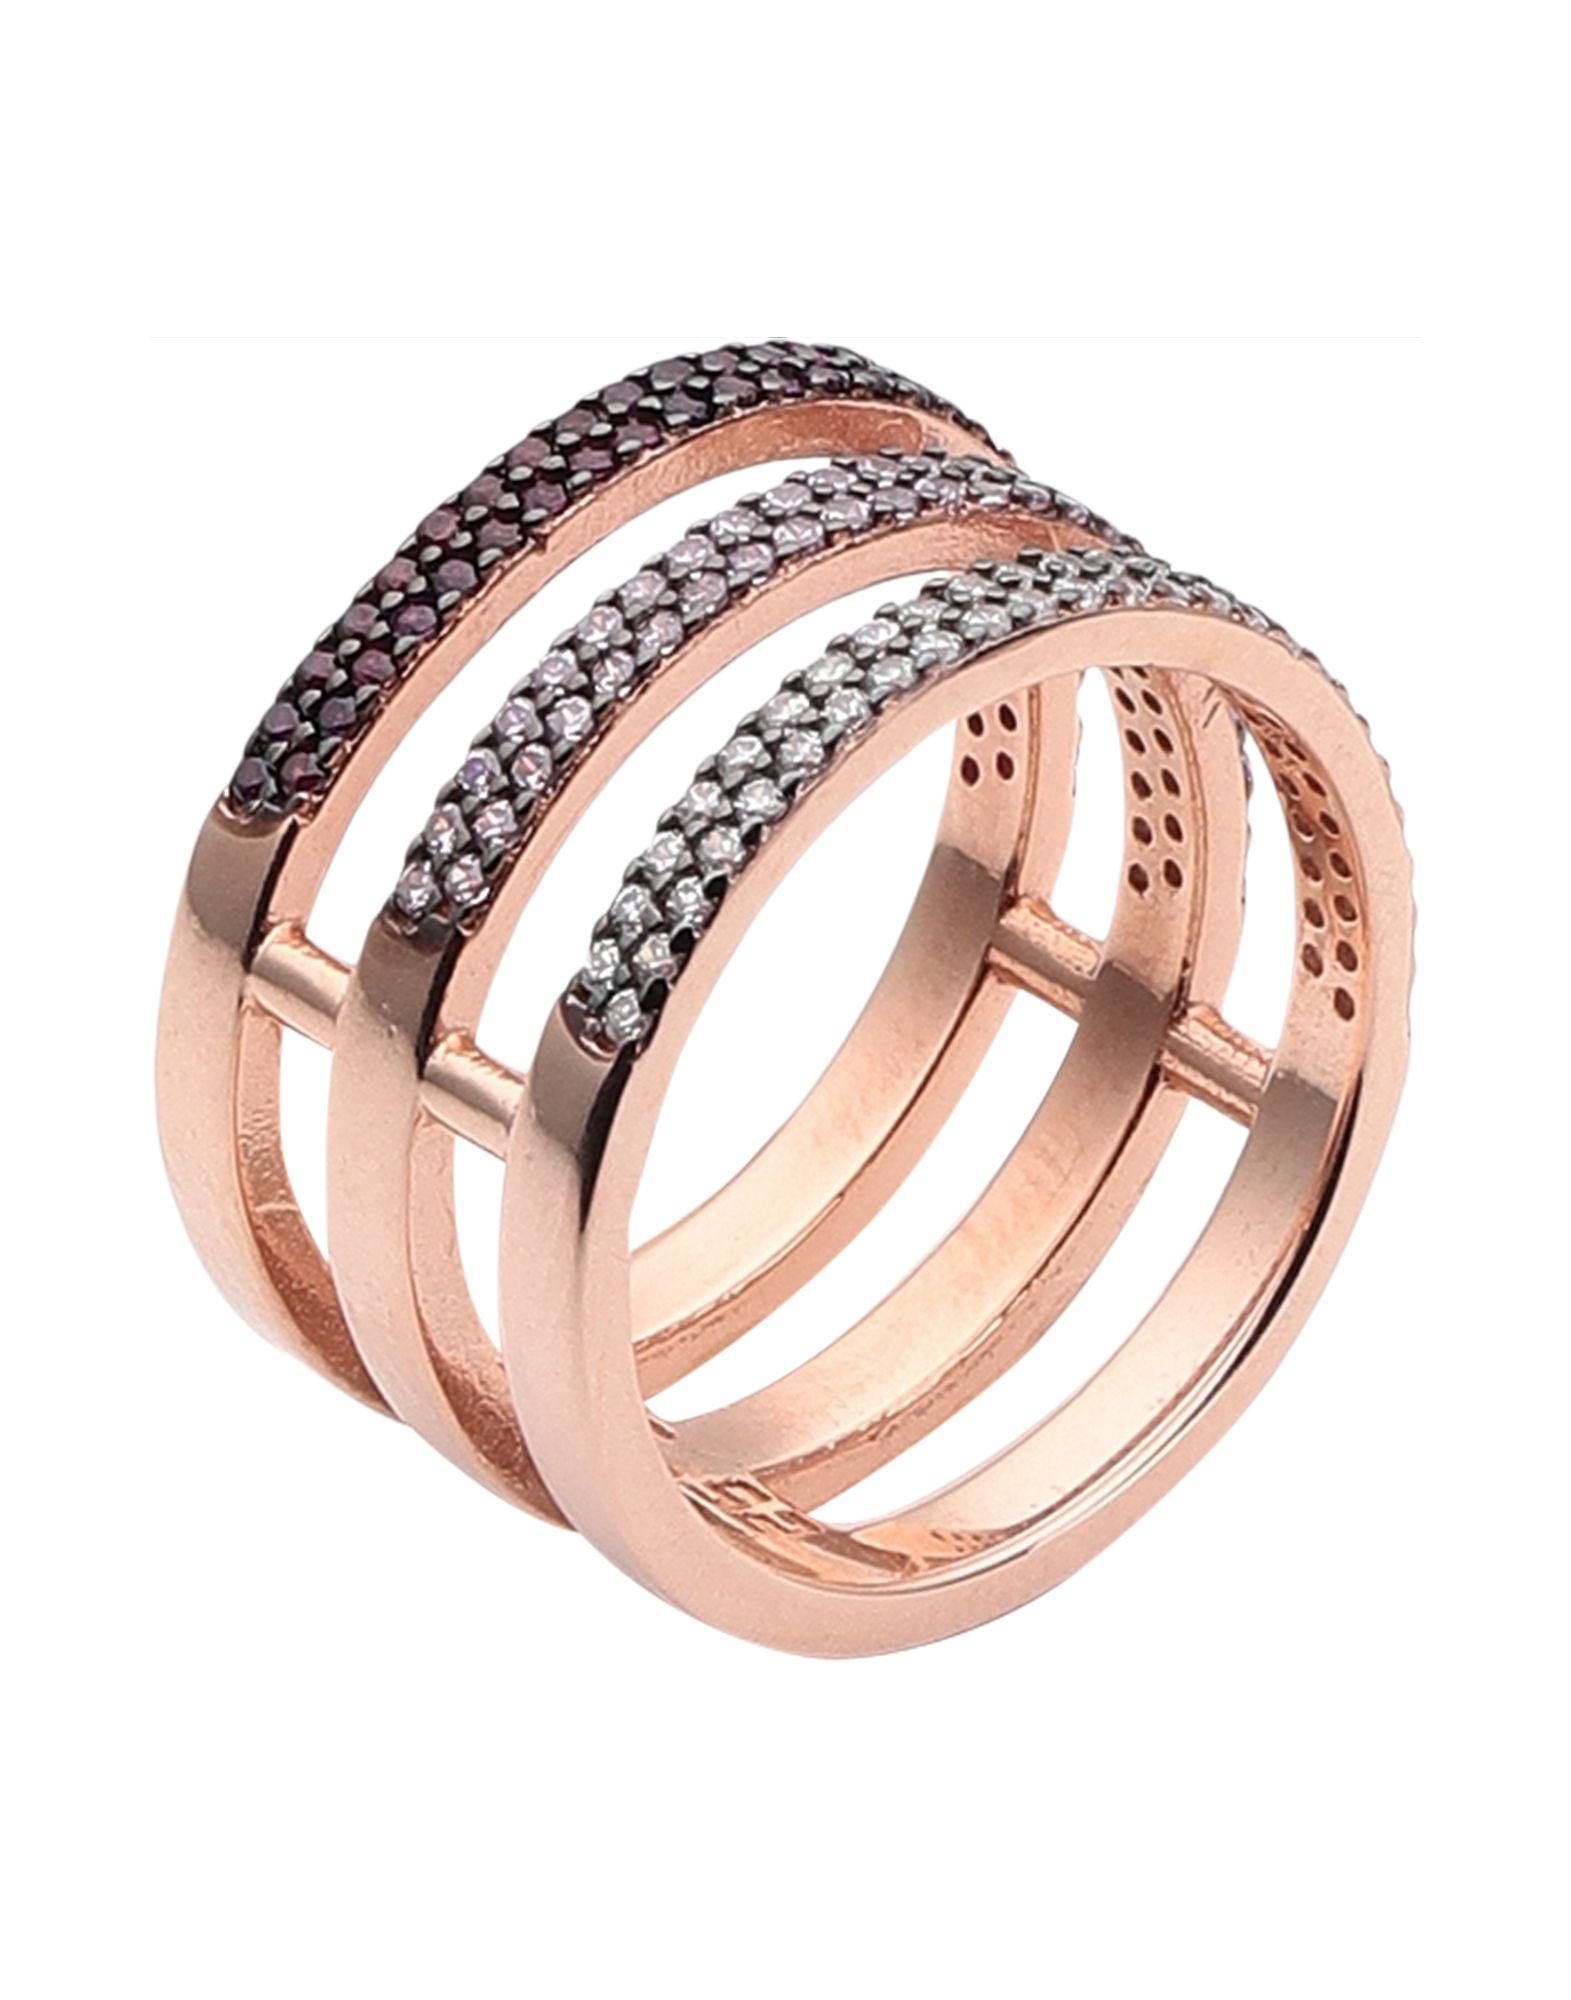 《セール開催中》KURSHUNI レディース 指輪 カッパー 52 シルバー925/1000 / キュービックジルコニア